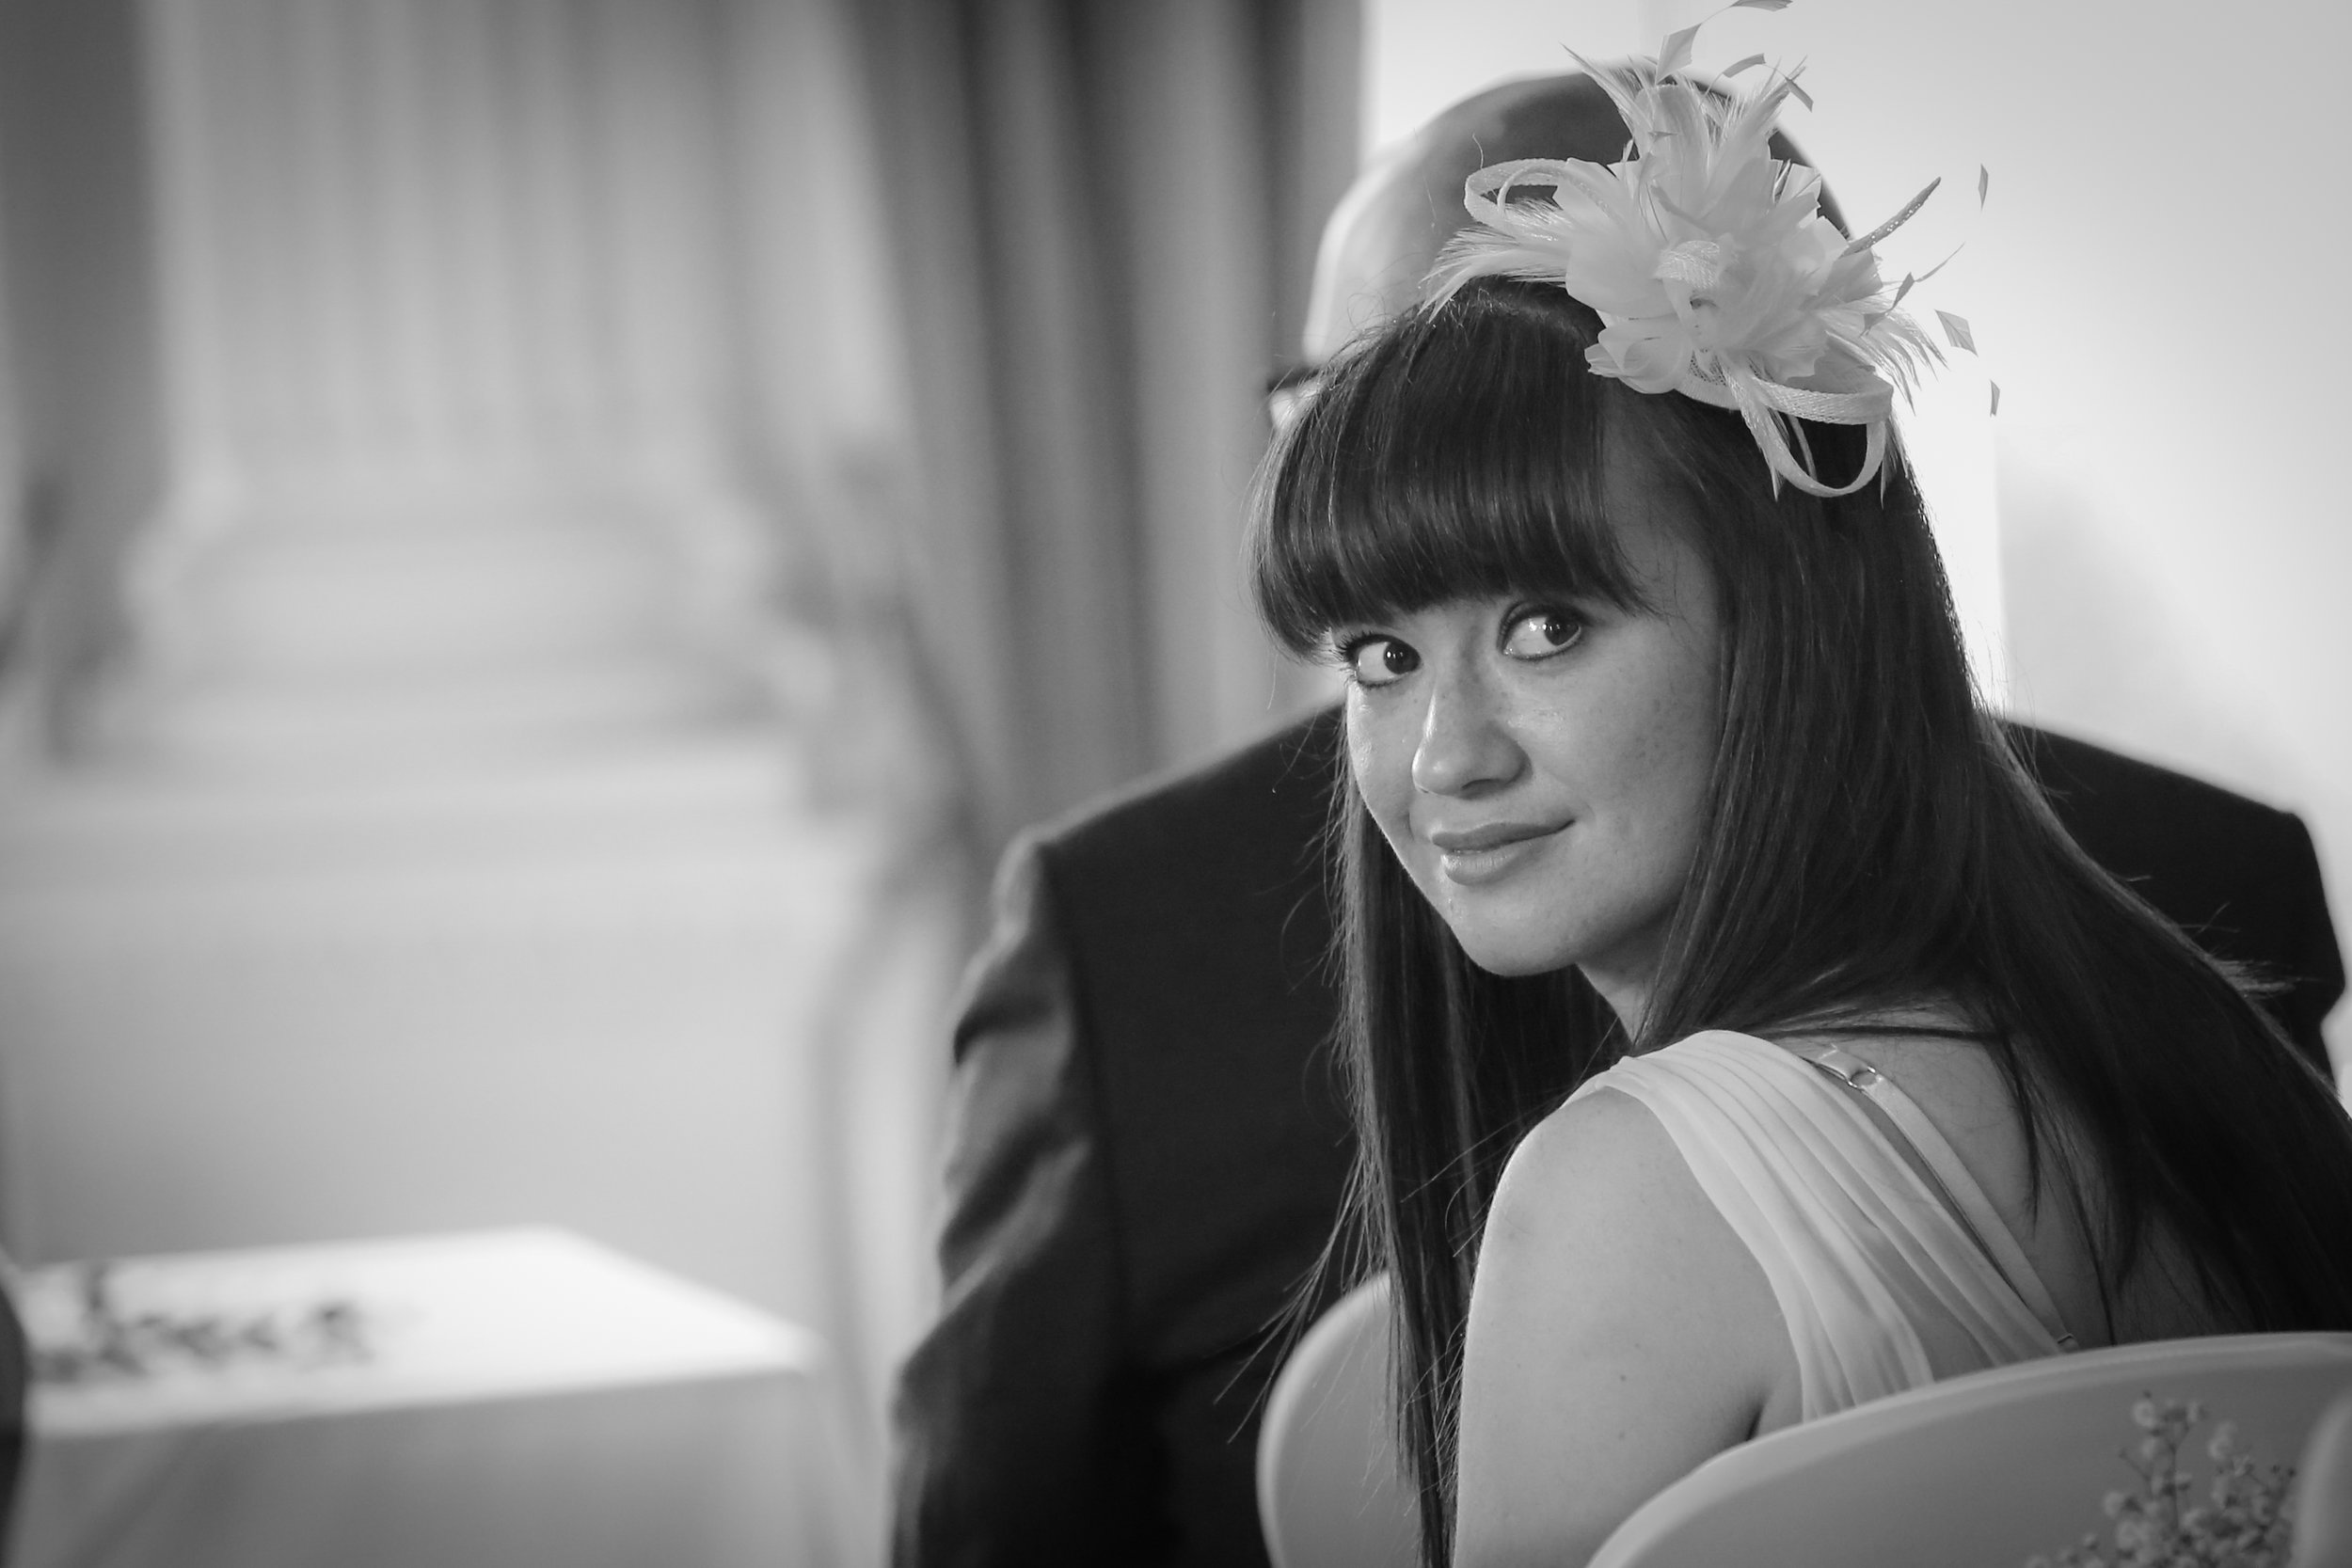 brides-maid-looking-at-bride.jpg